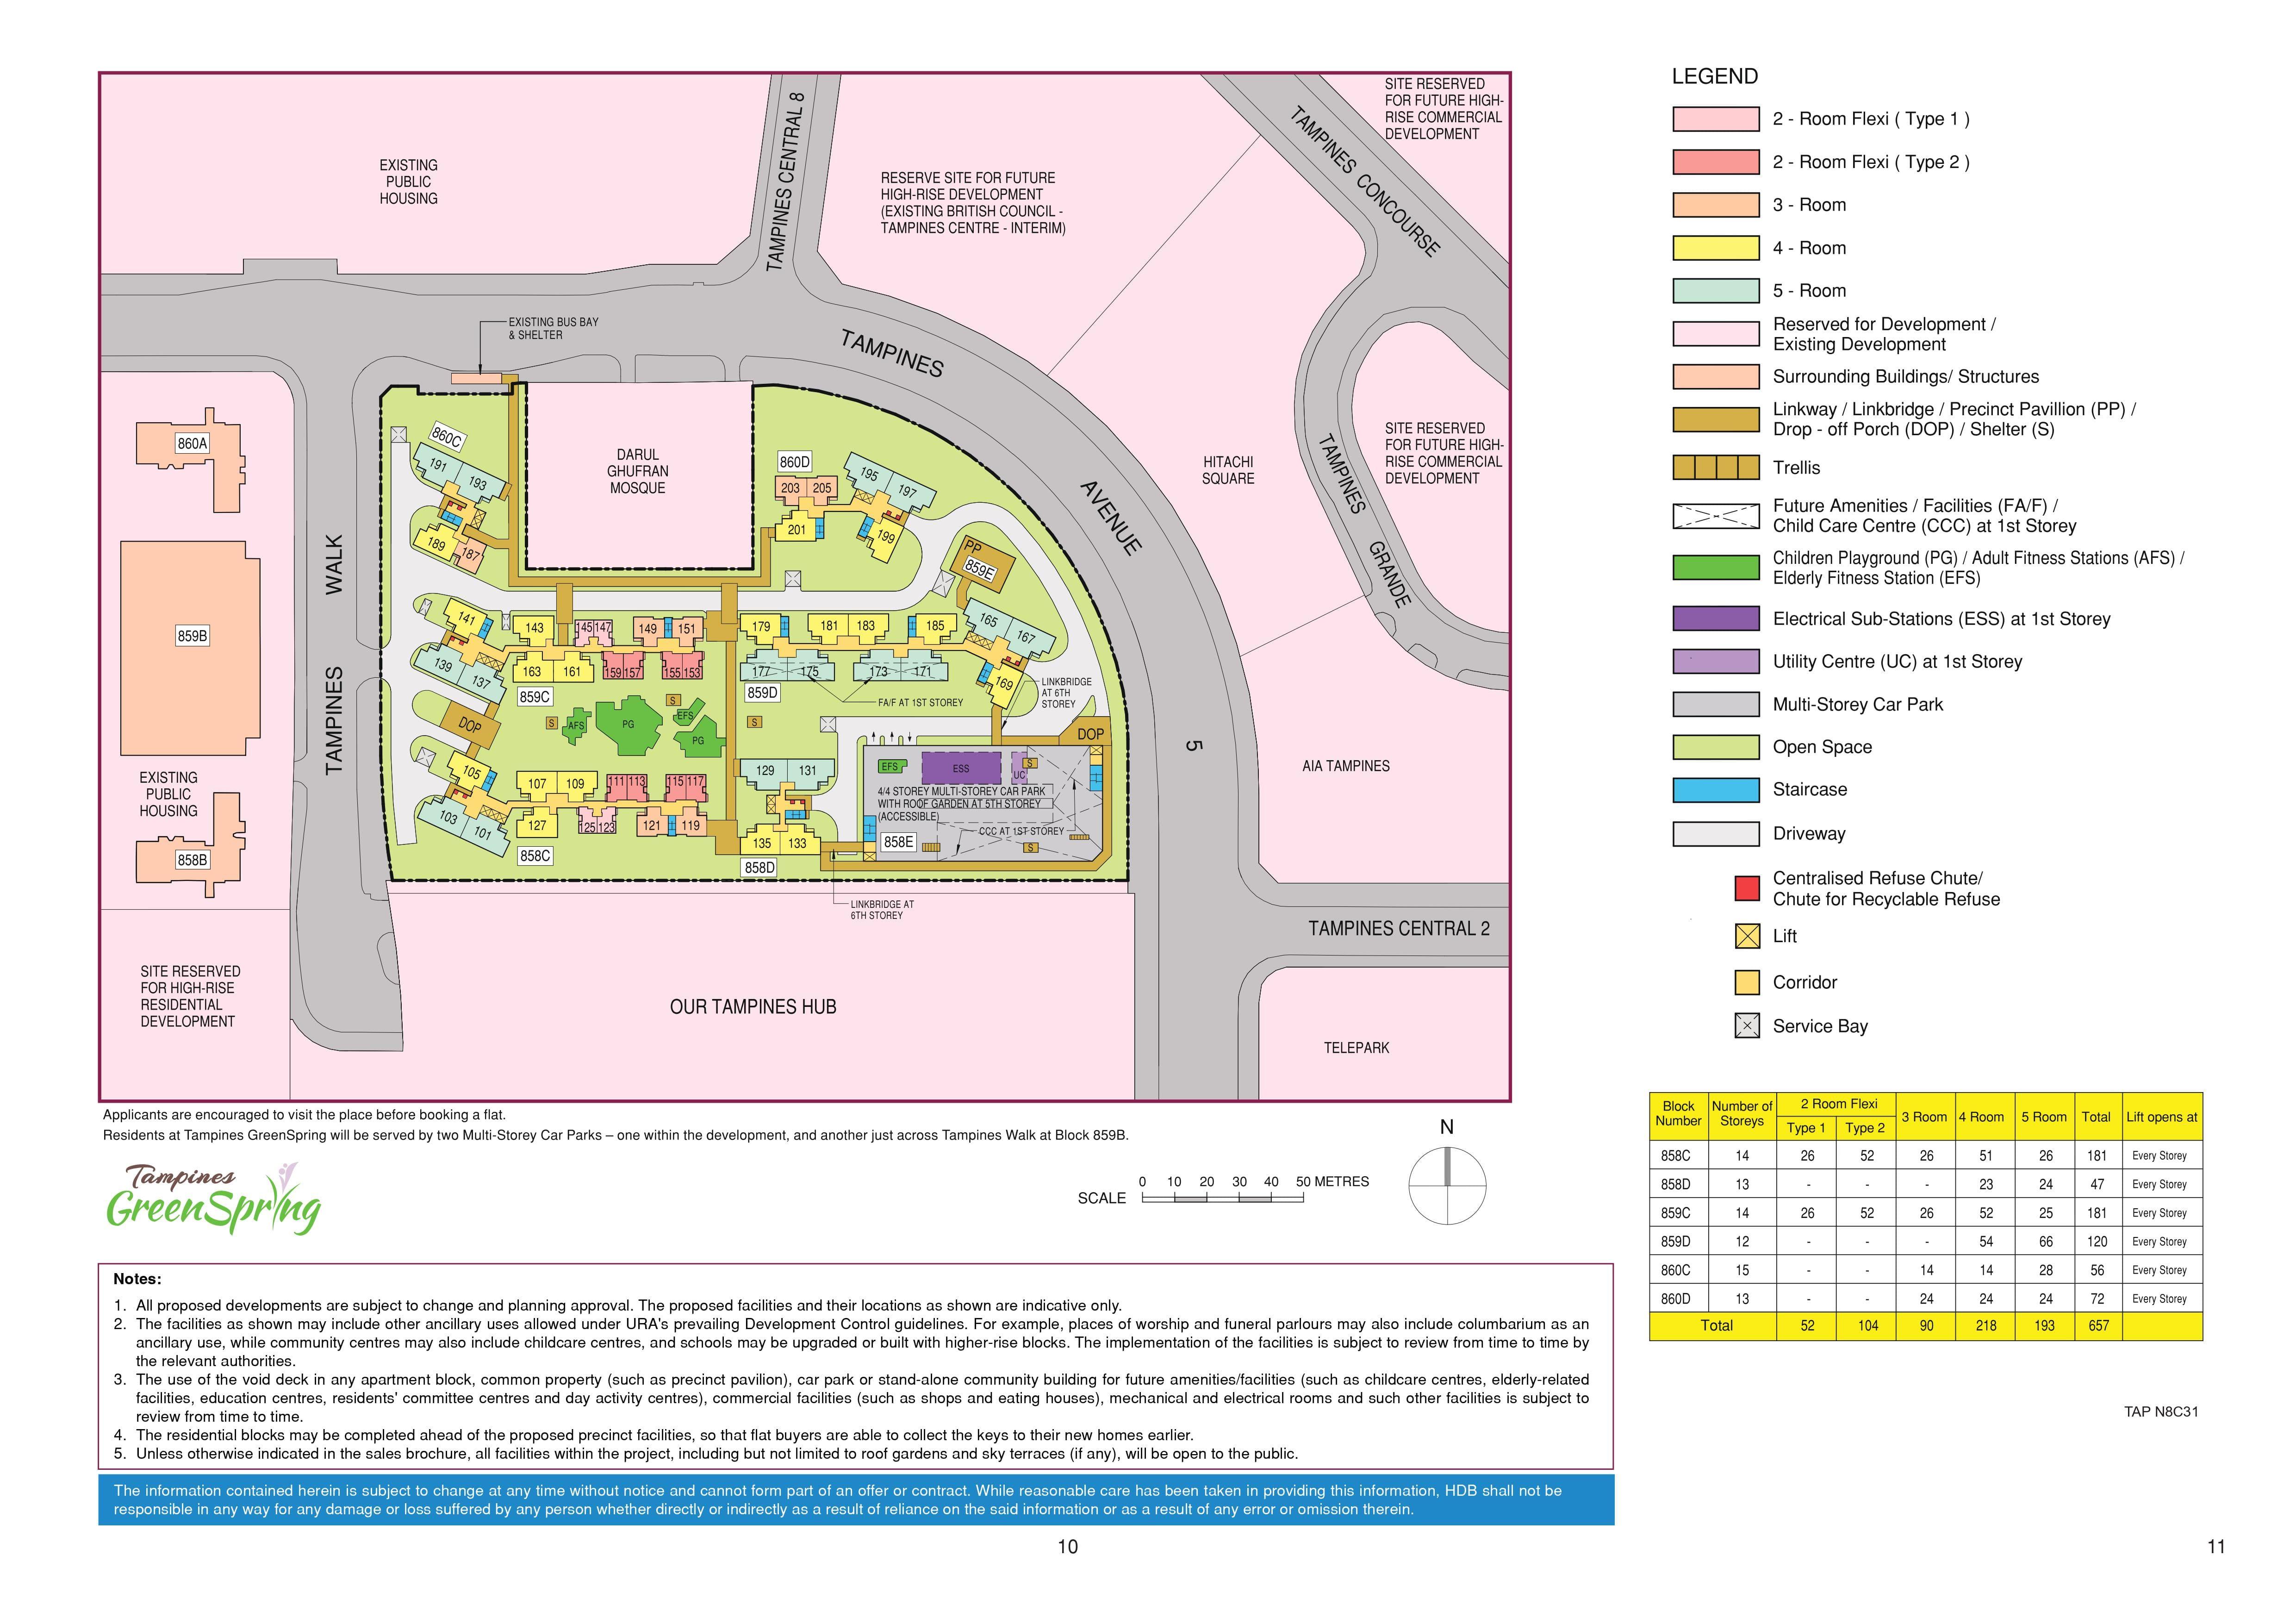 Tampines GreenSpring Site Plan